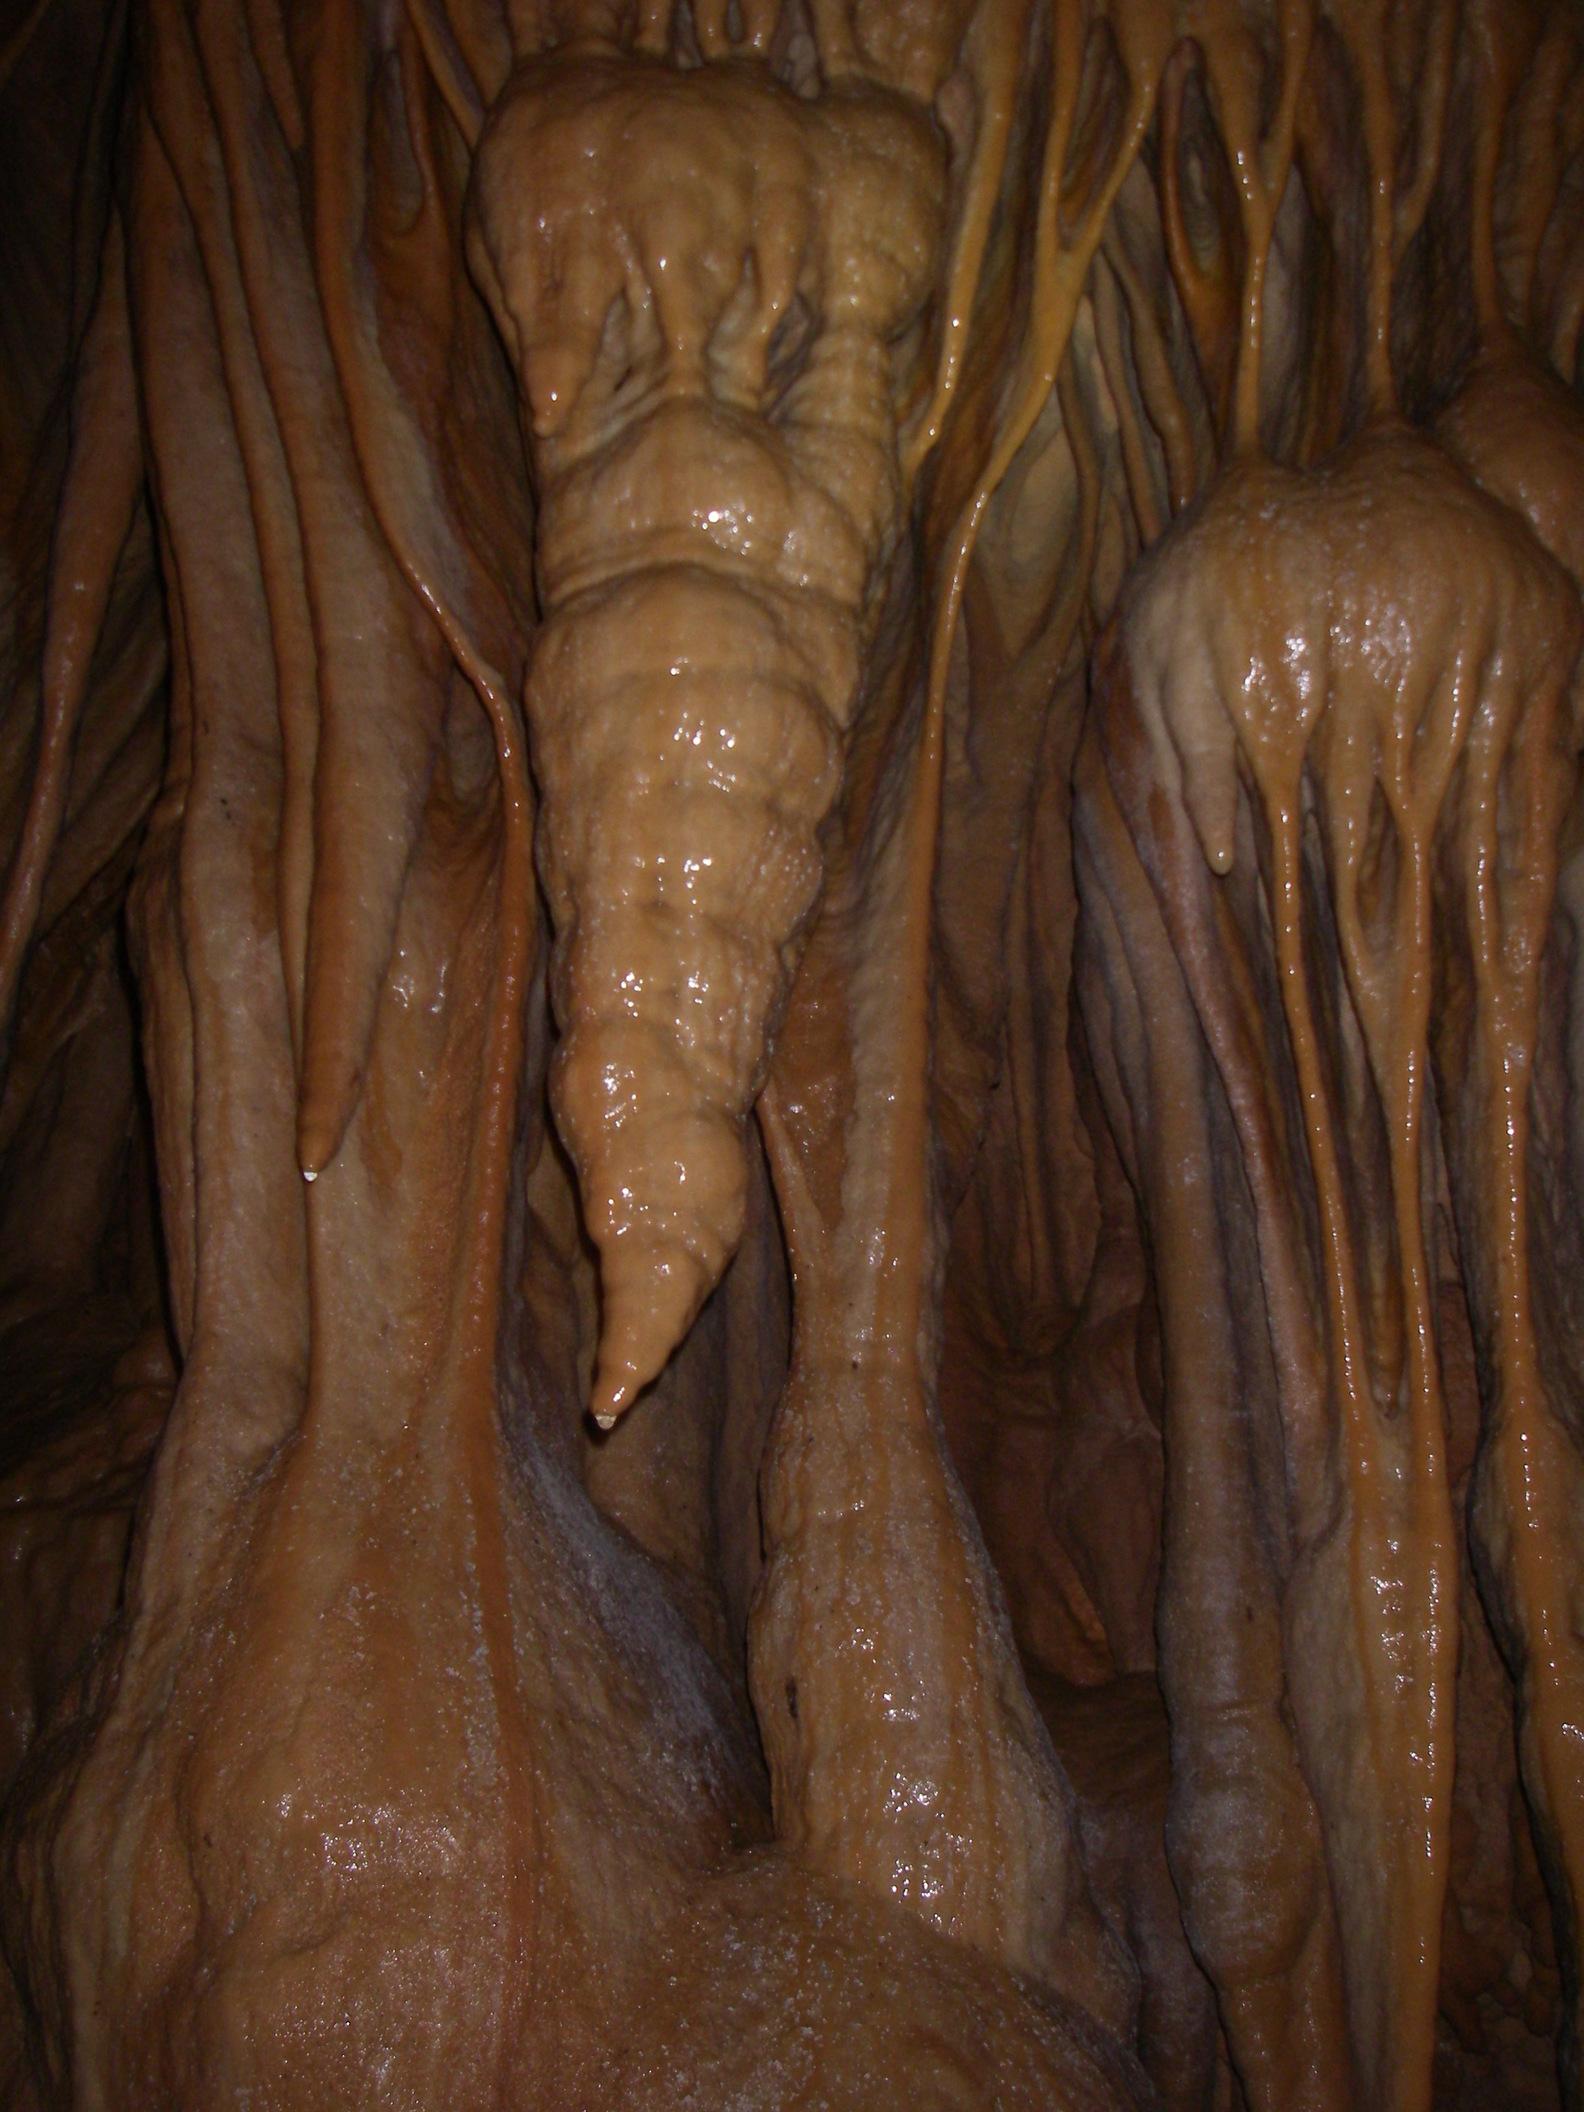 משקעי מערות בתחתית החלל